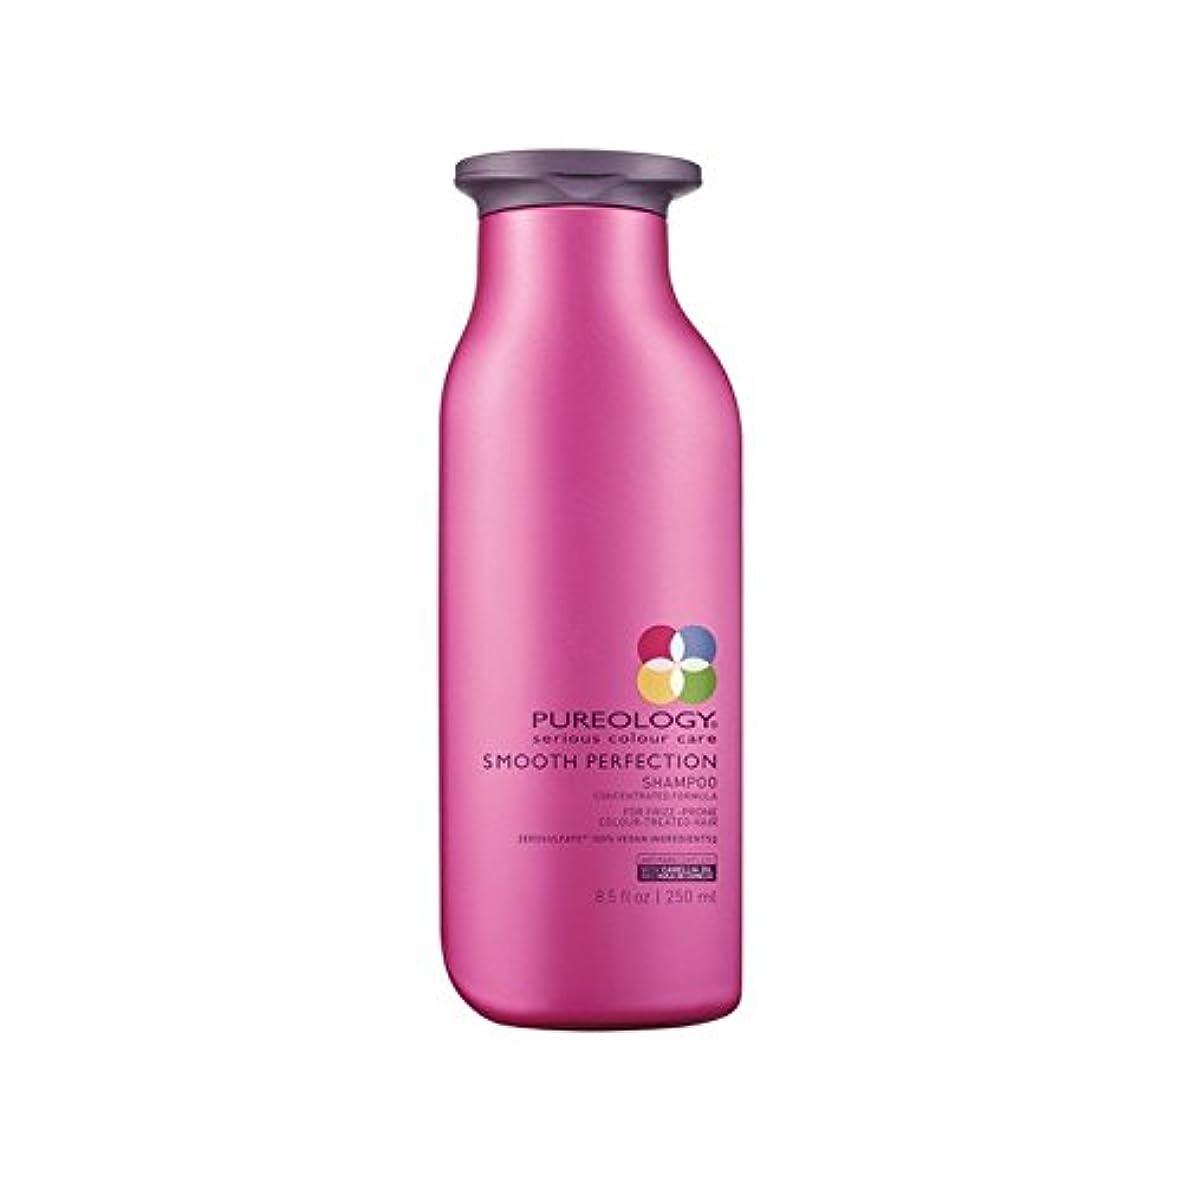 終わらせるできる繰り返し平滑完全シャンプー(250ミリリットル) x2 - Pureology Smooth Perfection Shampoo (250ml) (Pack of 2) [並行輸入品]